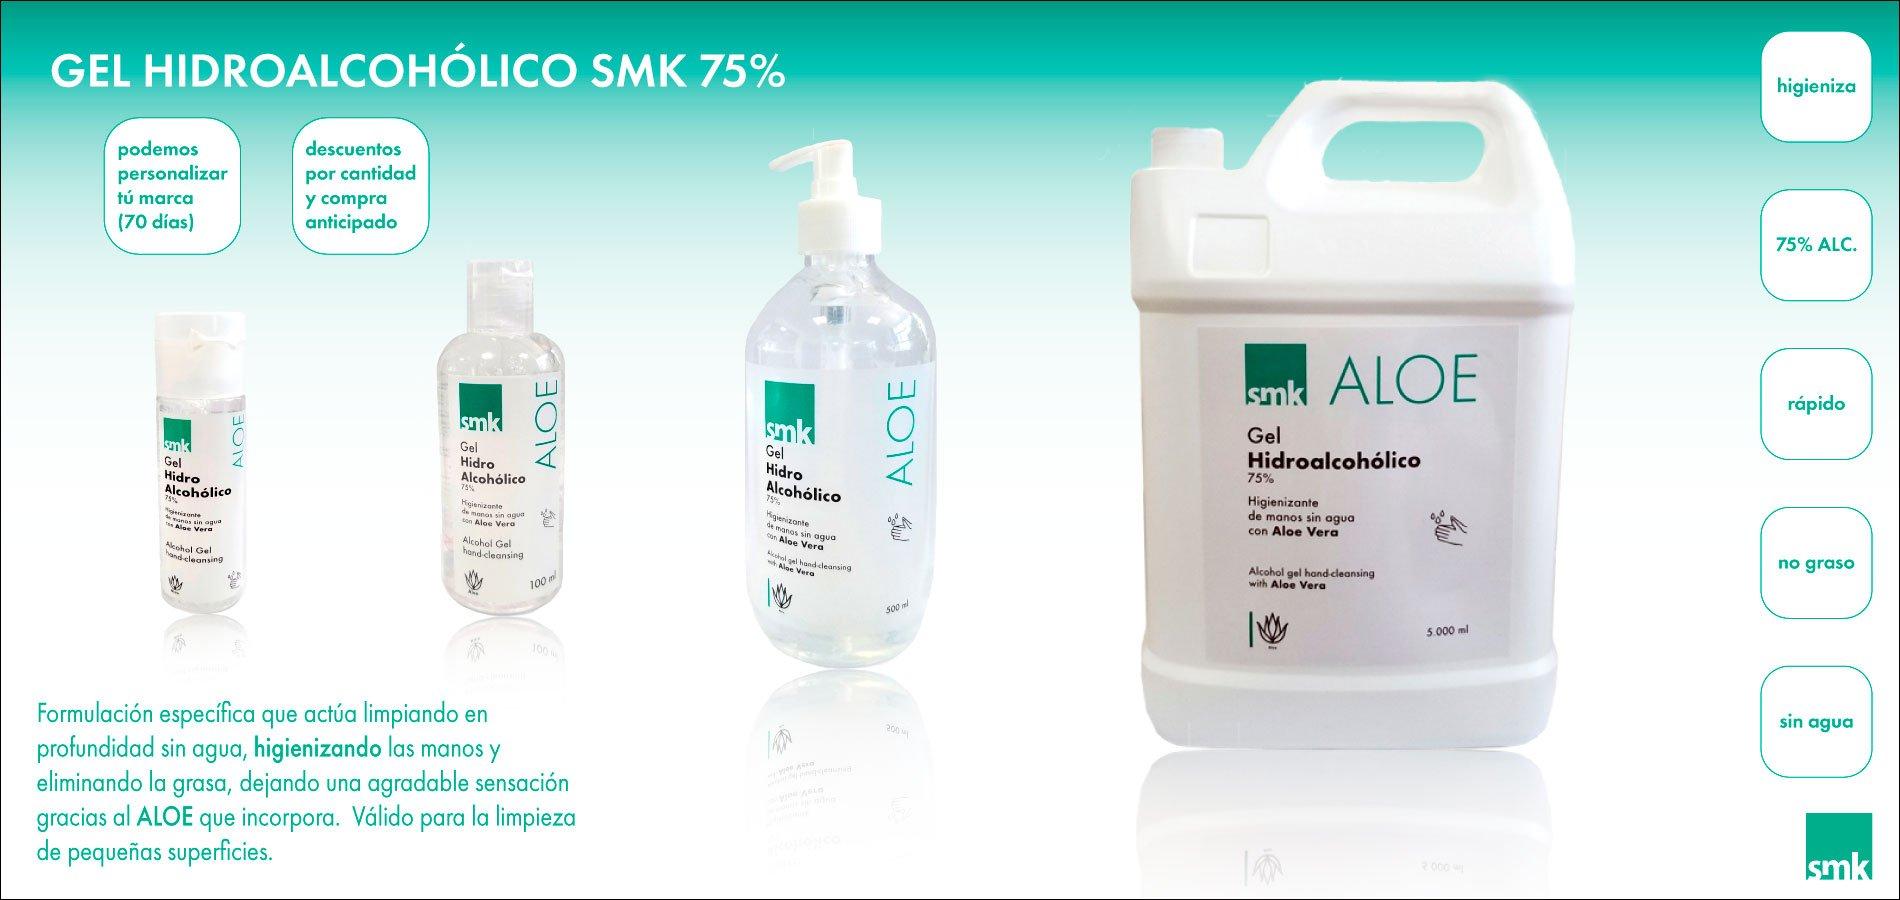 Colección de Geles Hidroalcoholicos SMK